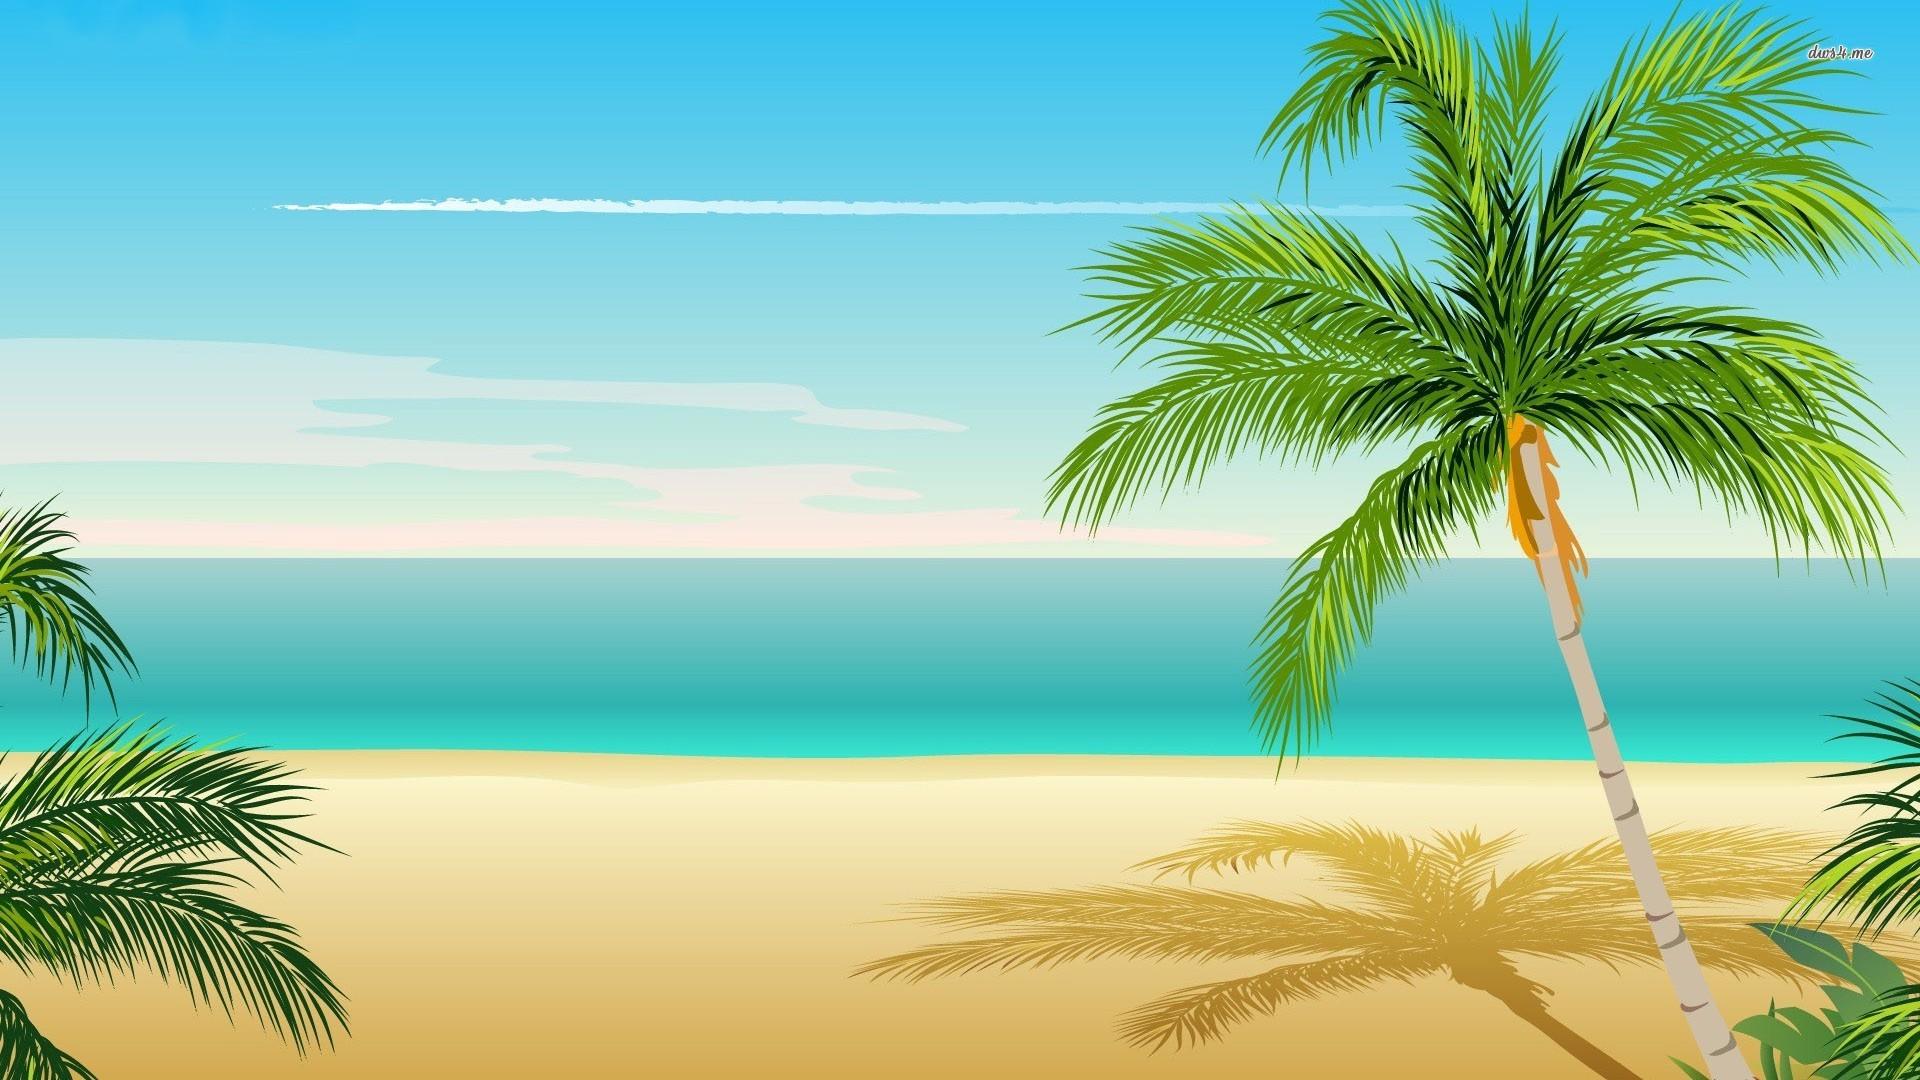 Palm Tree wallpaper 1920x1080 47589 1920x1080